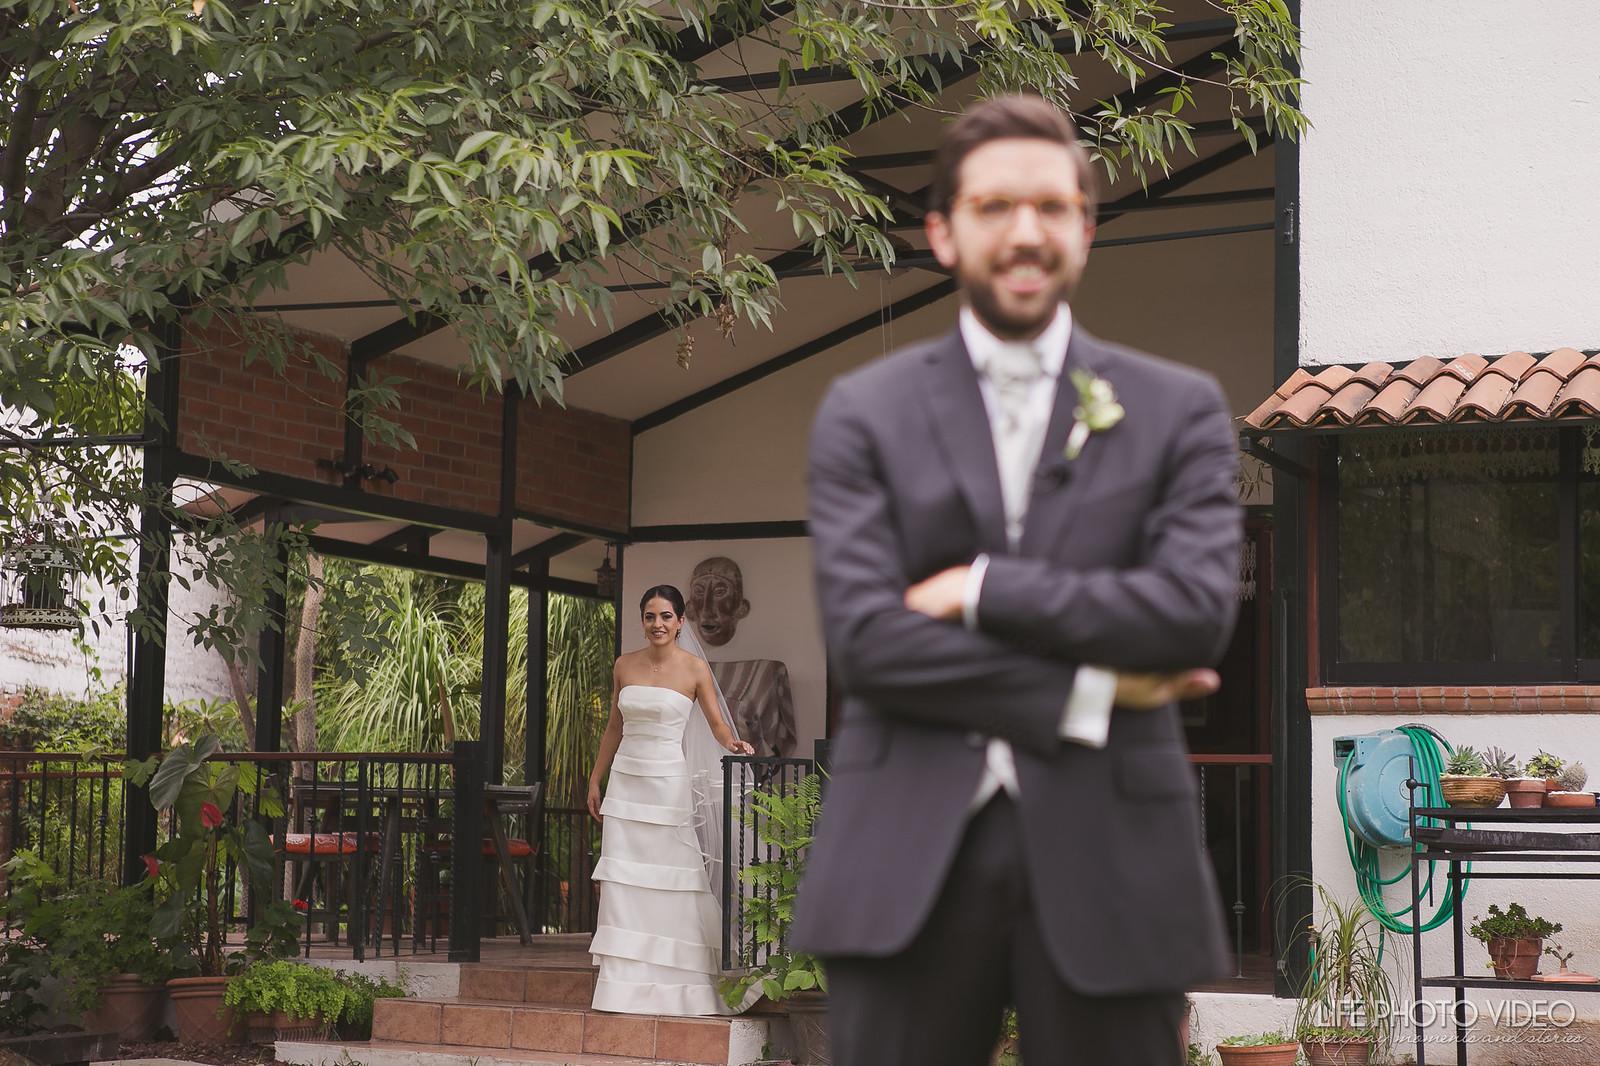 Lifephotovideo_Boda_LeonGto_Wedding